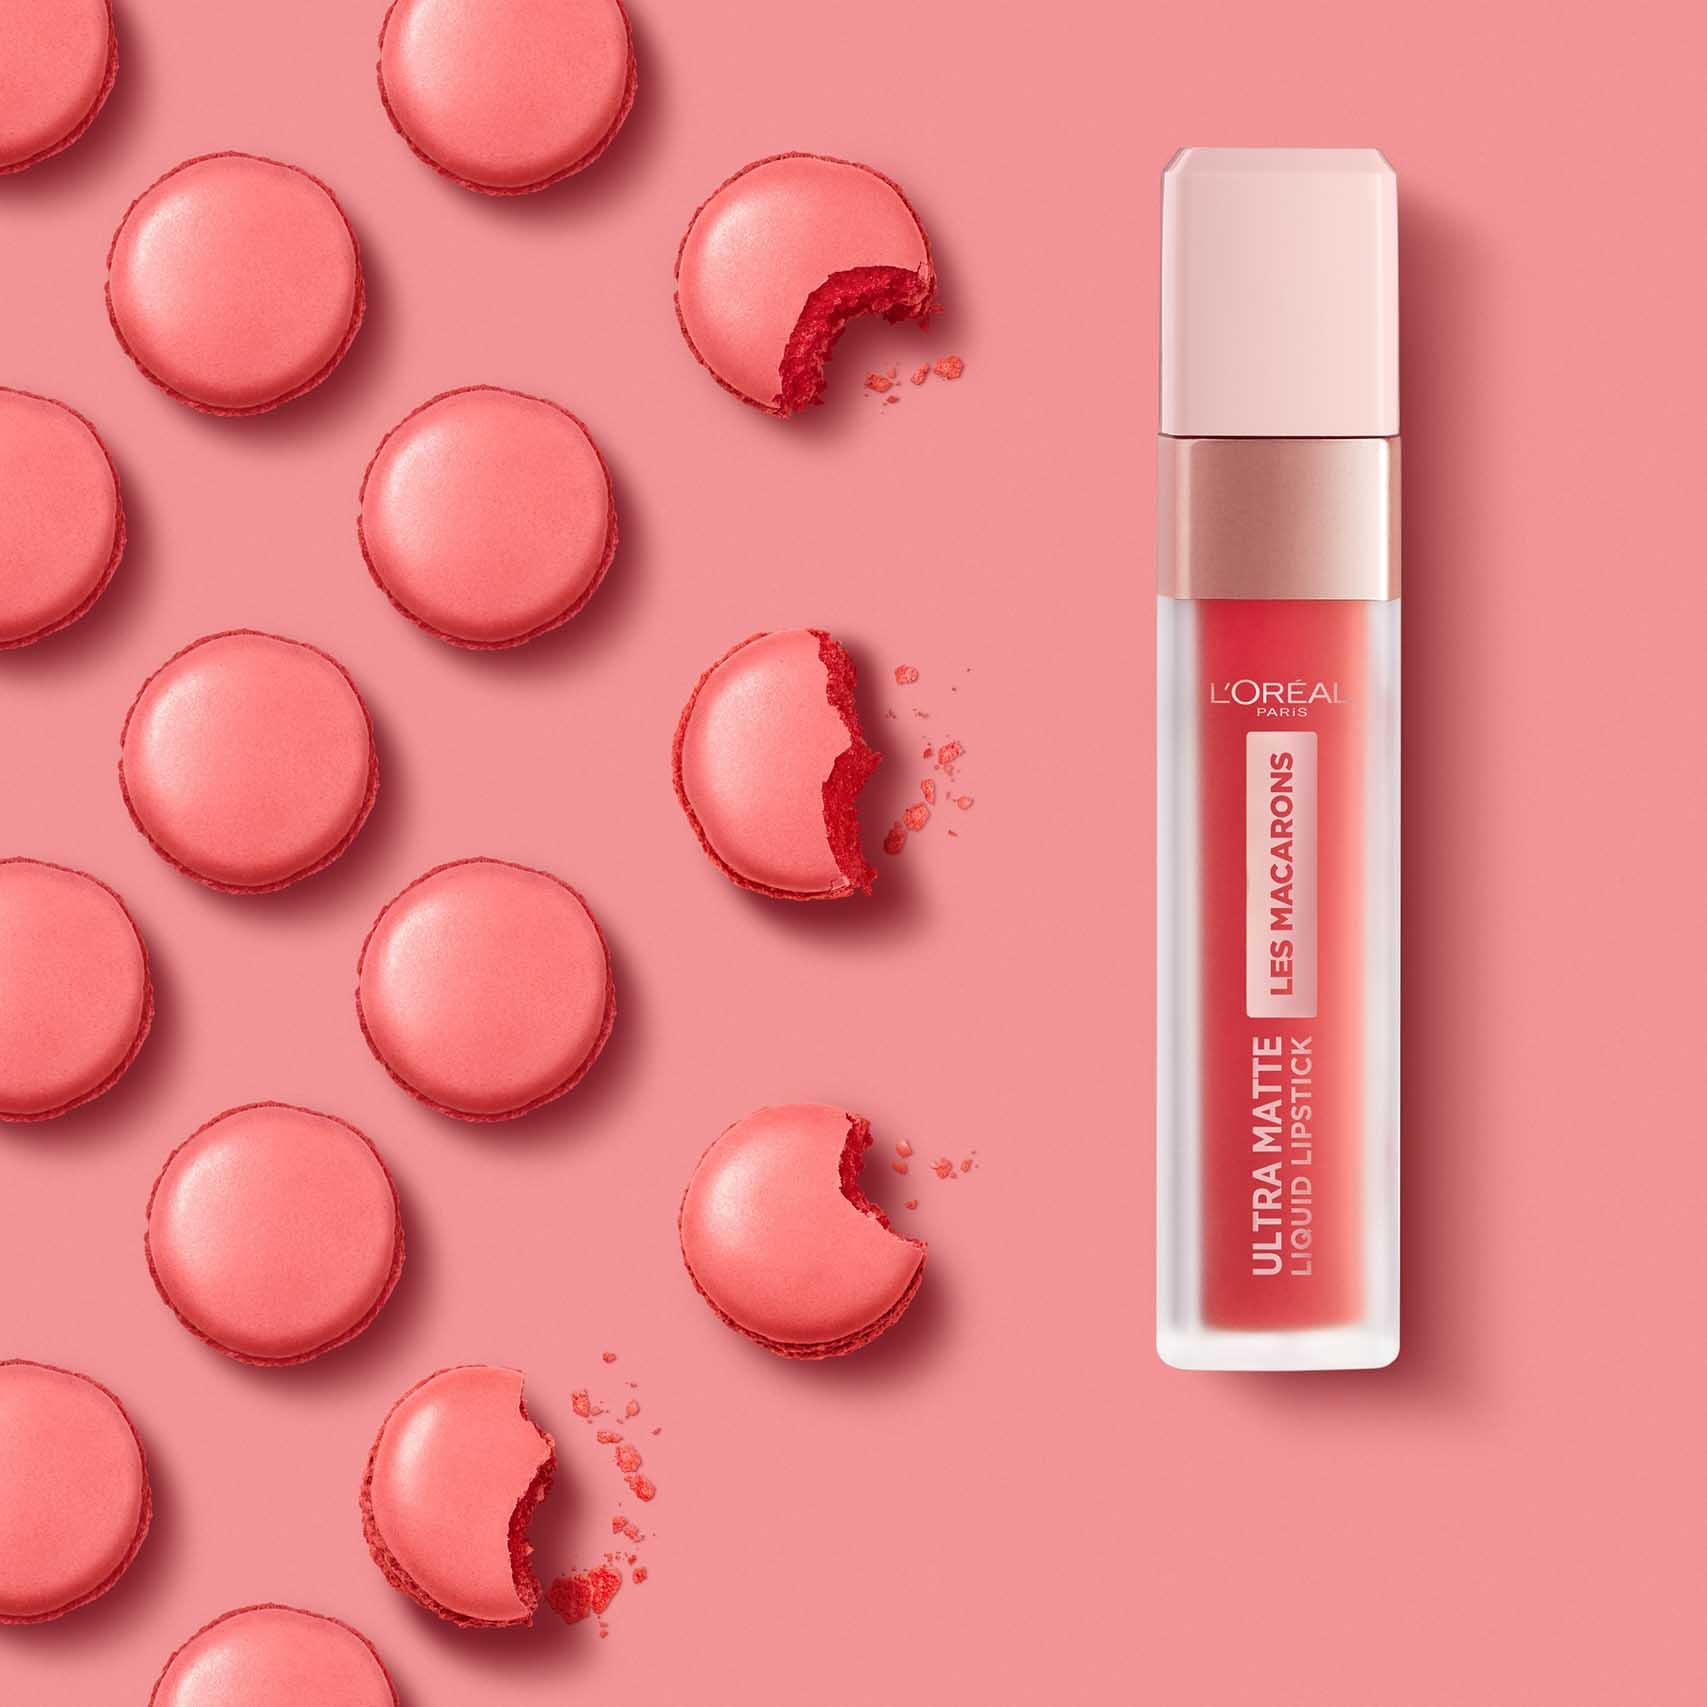 Valentine's Day 2020, לוריאל פריז שפתון לאש מקרון, שפתון נוזלי, איפור -2